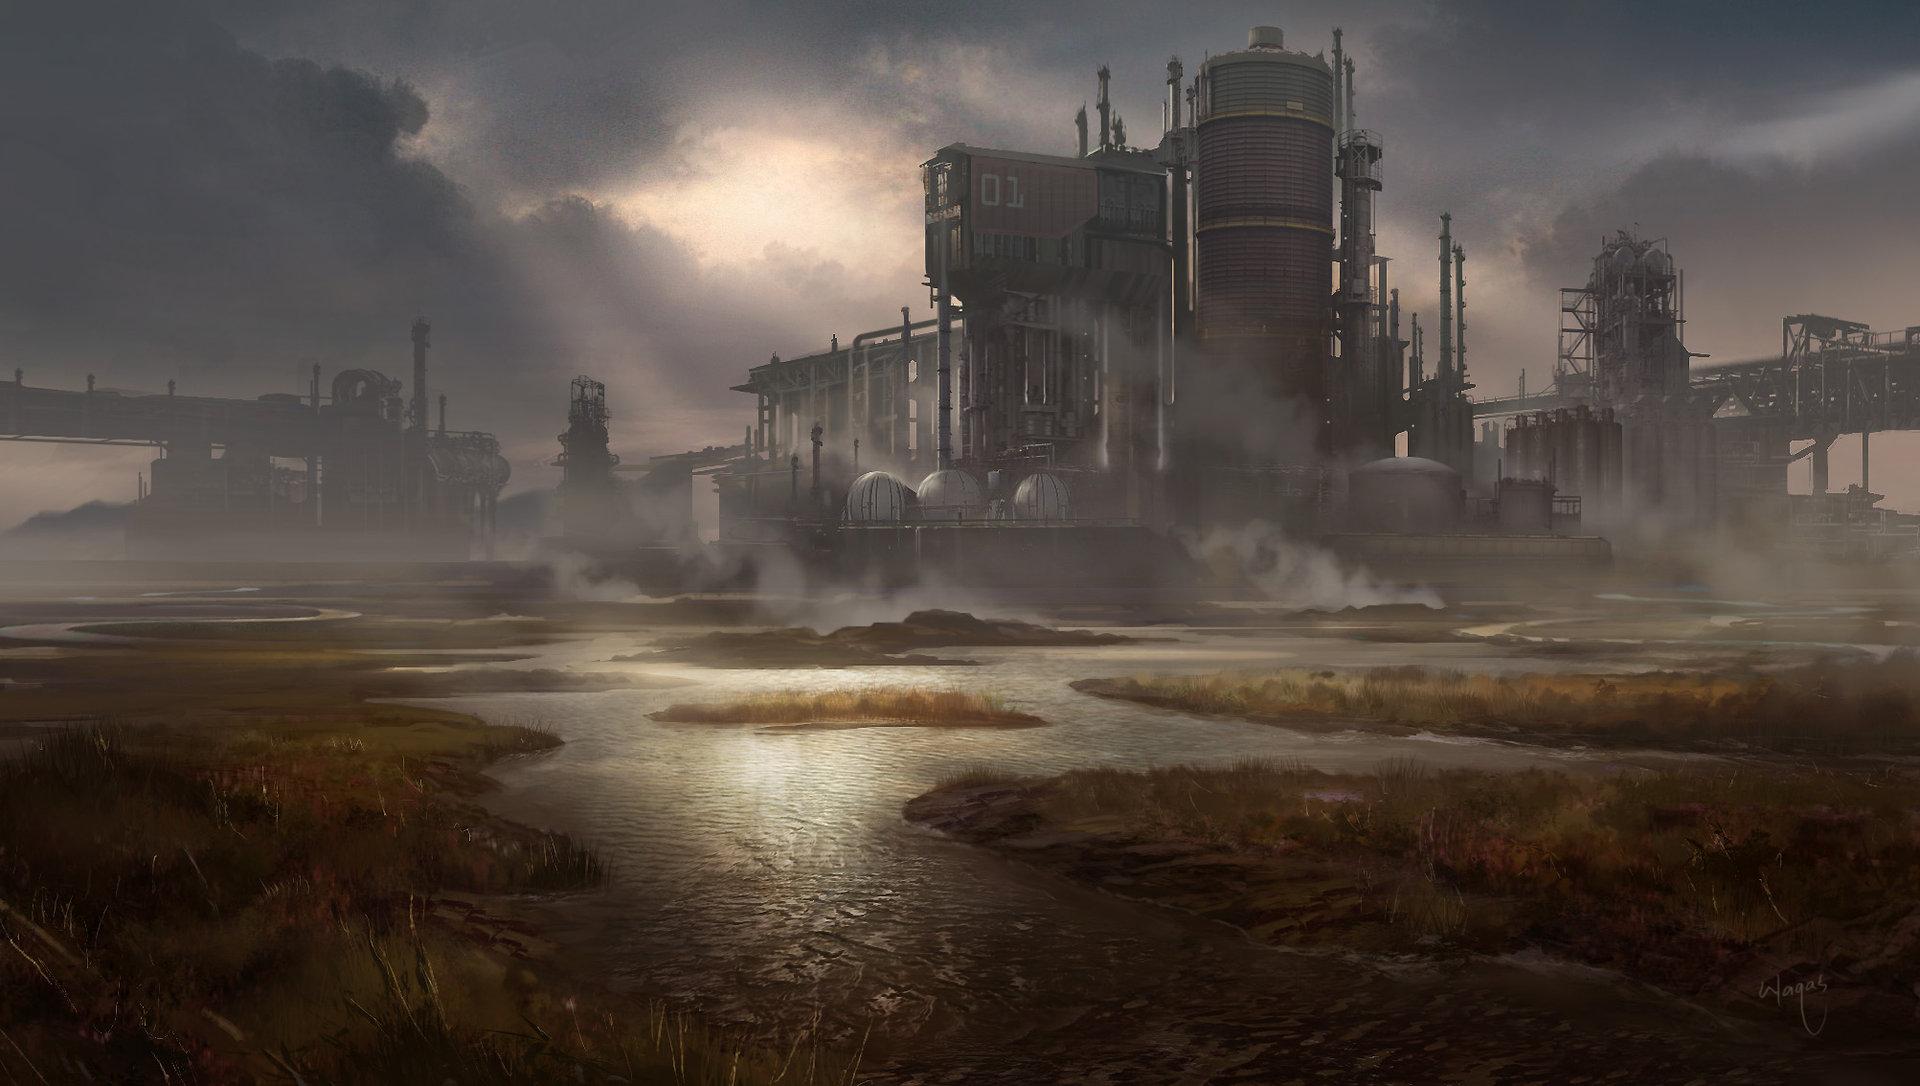 Industrialized mashland